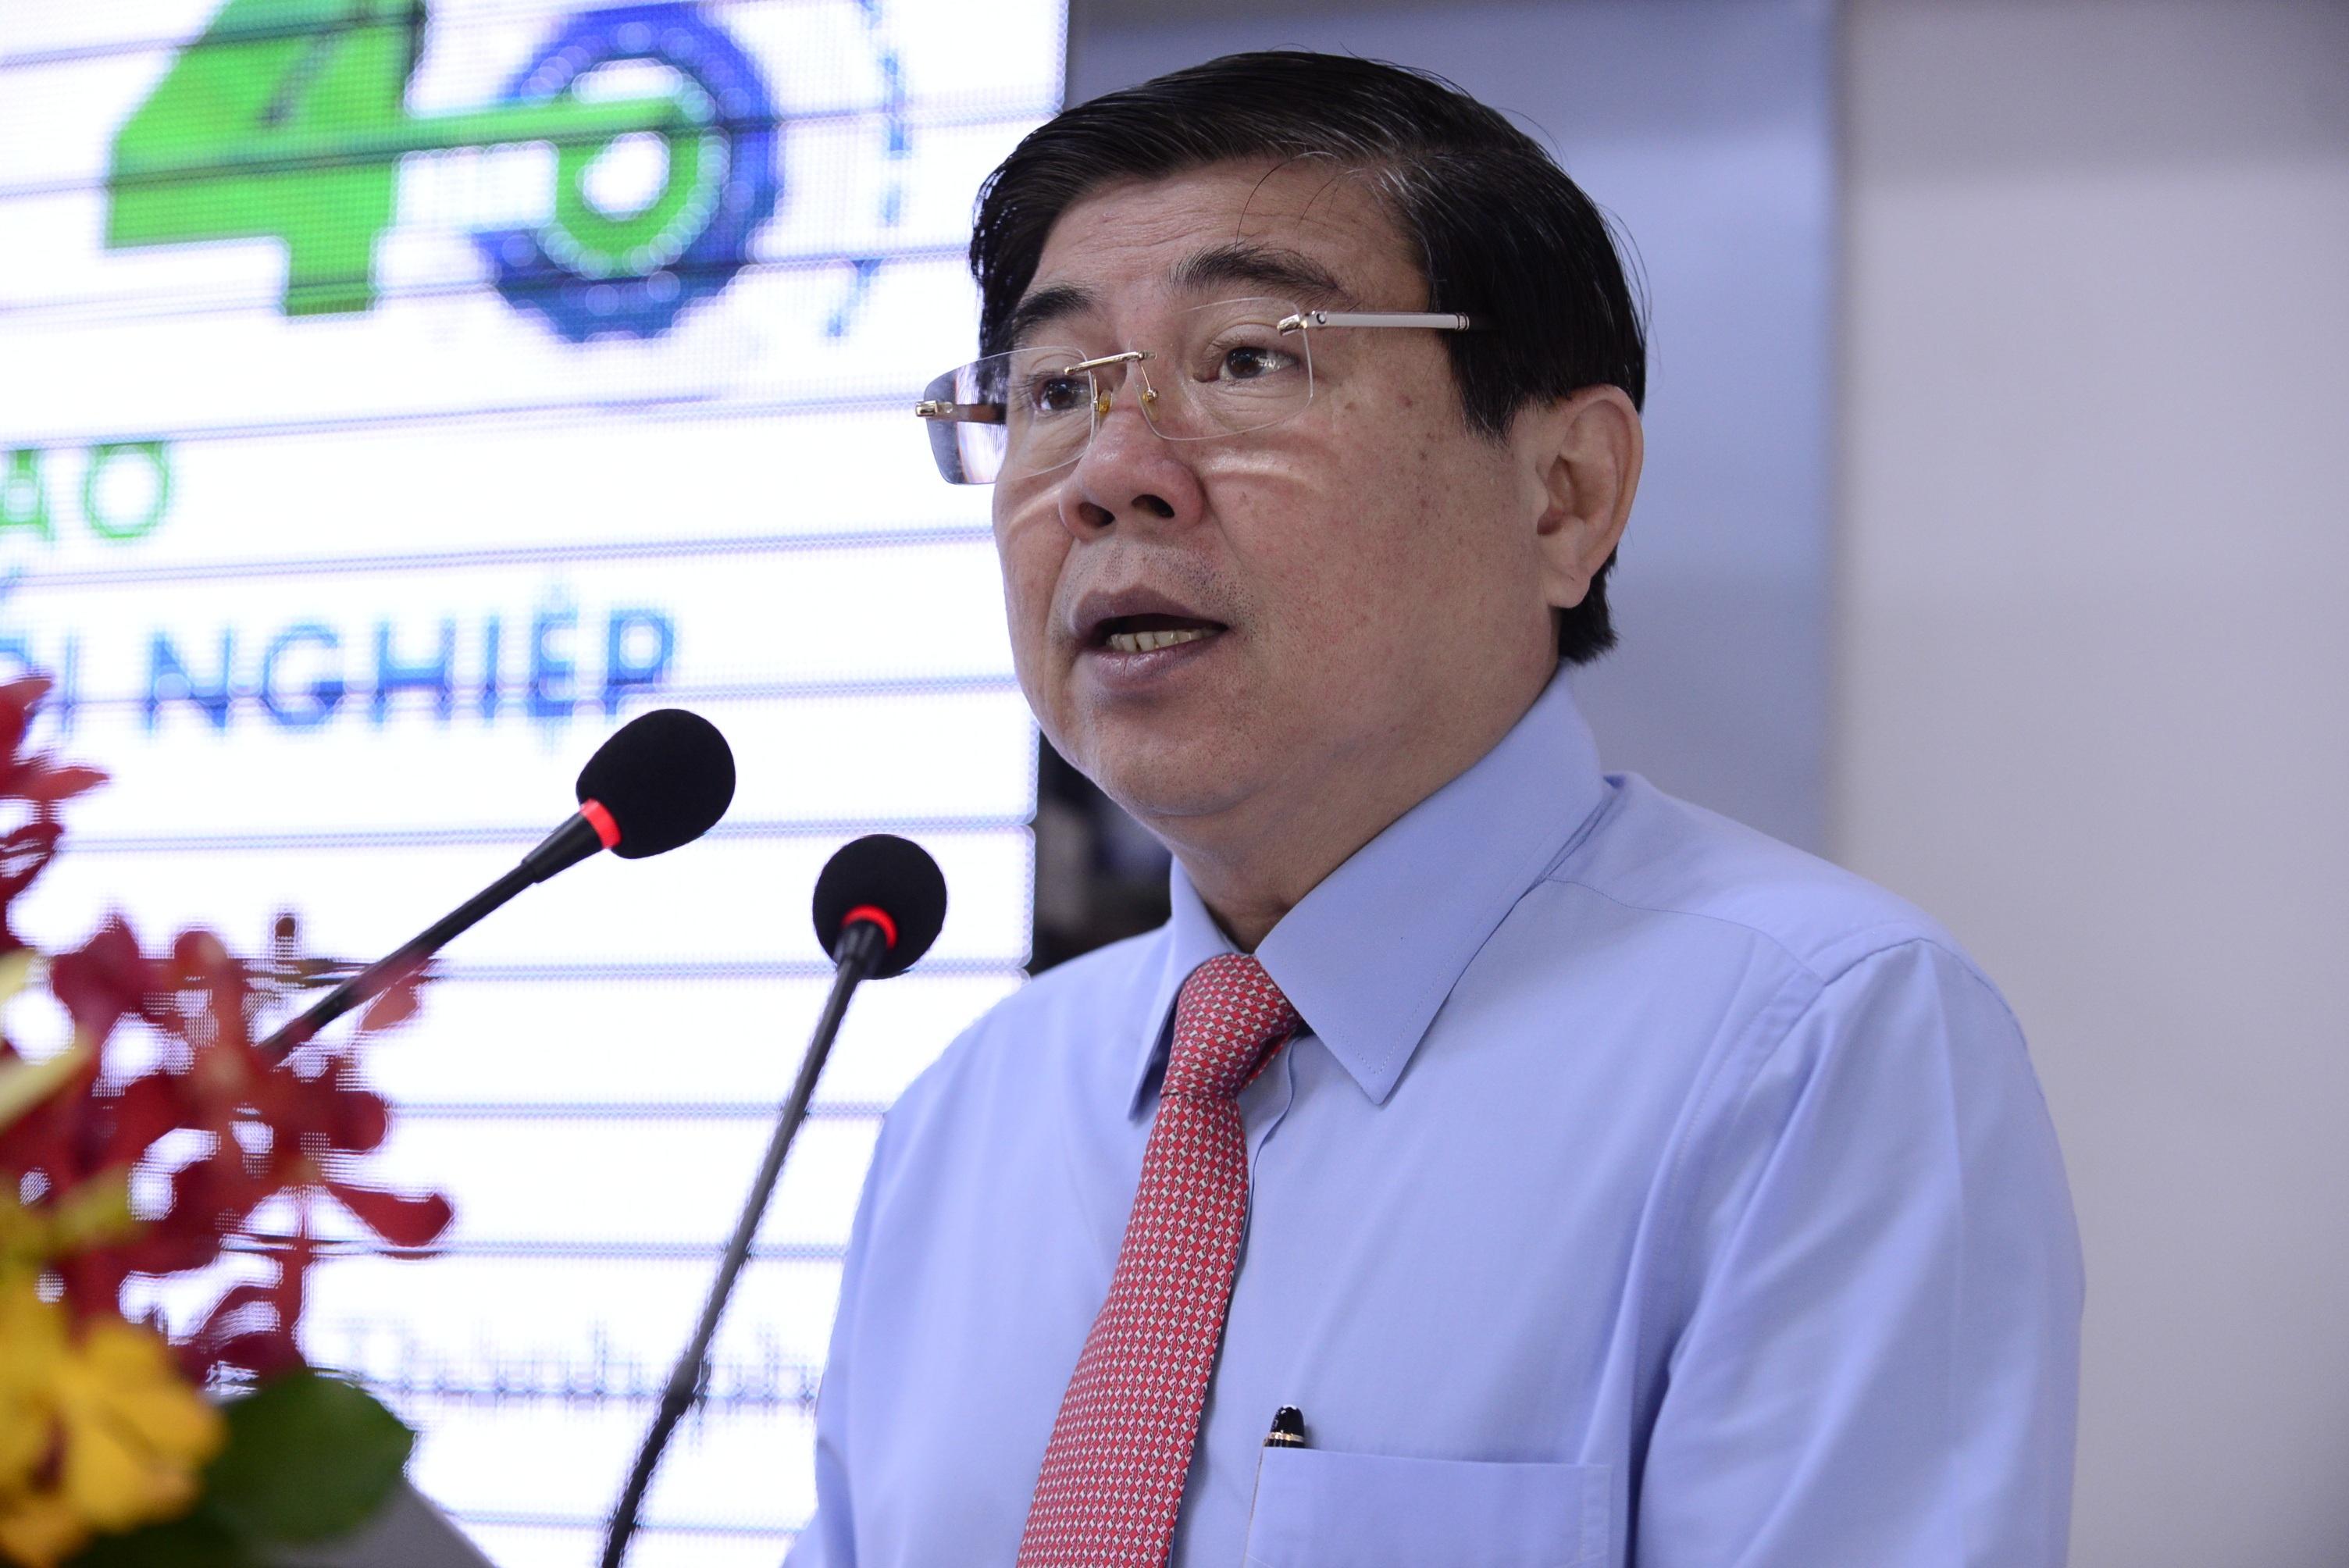 Ông Nguyễn Thành Phong, Ủy viên BCH Trung ương Đảng, Phó Bí thư Thành ủy, Chủ tịch Ủy ban nhân dân TPHCM